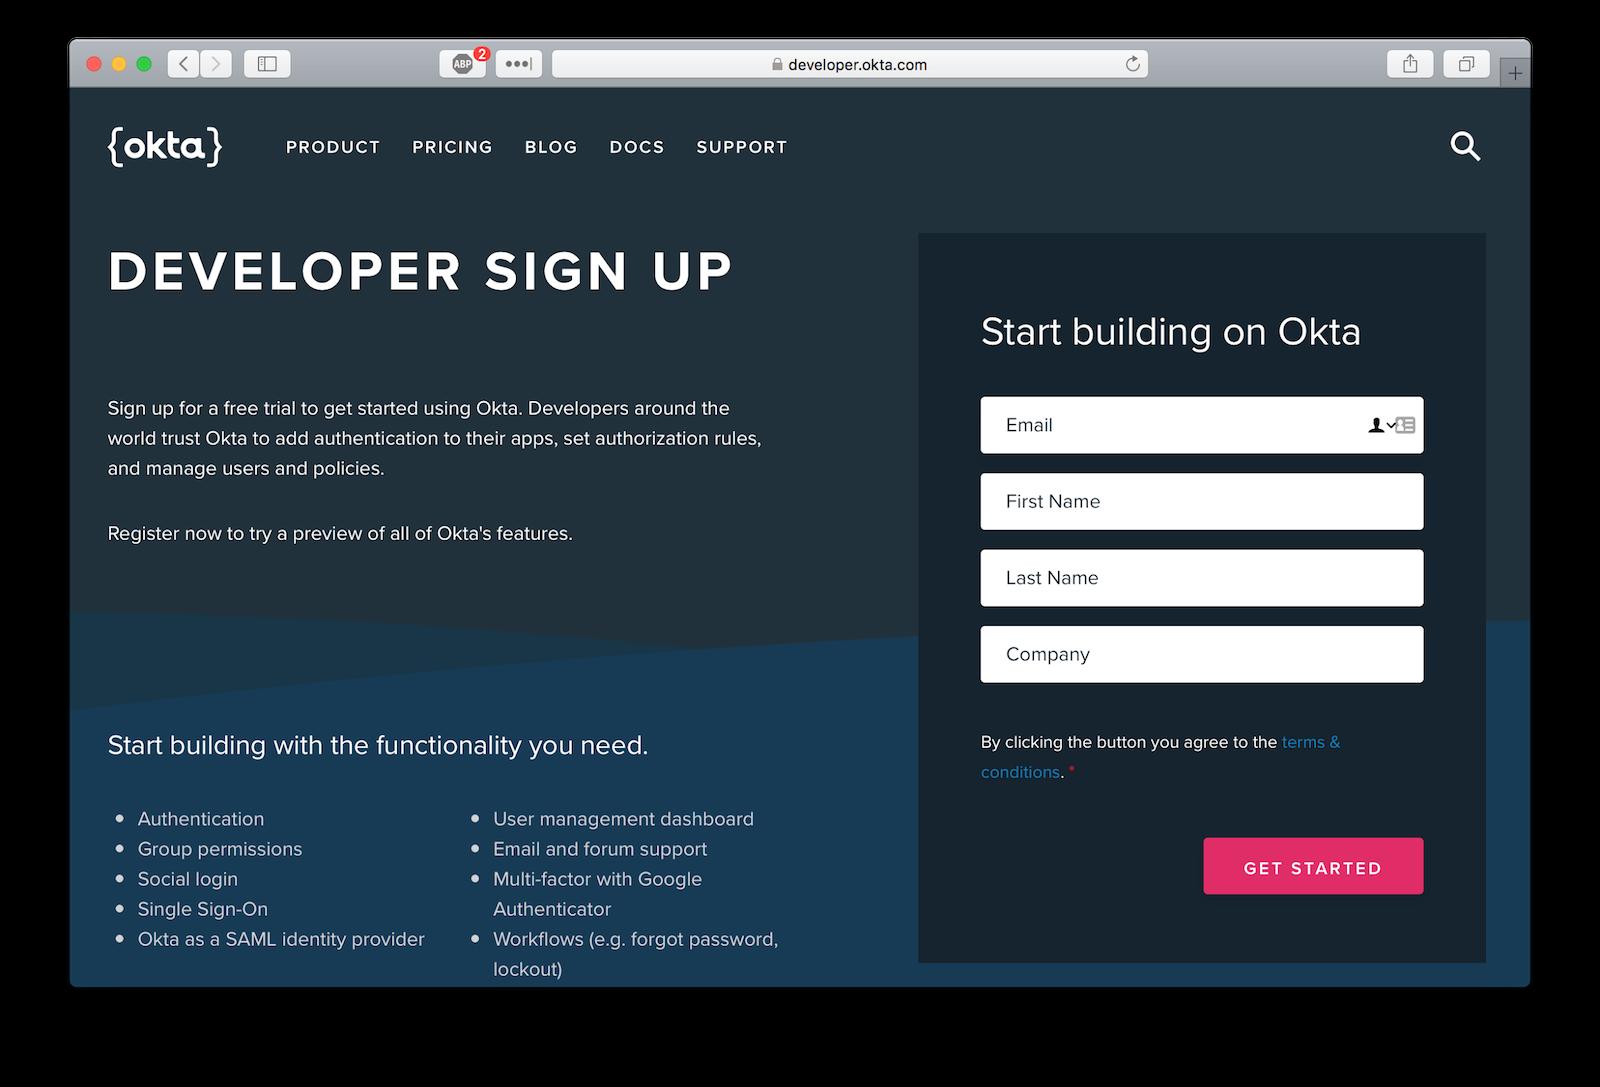 Okta Developer Sign Up